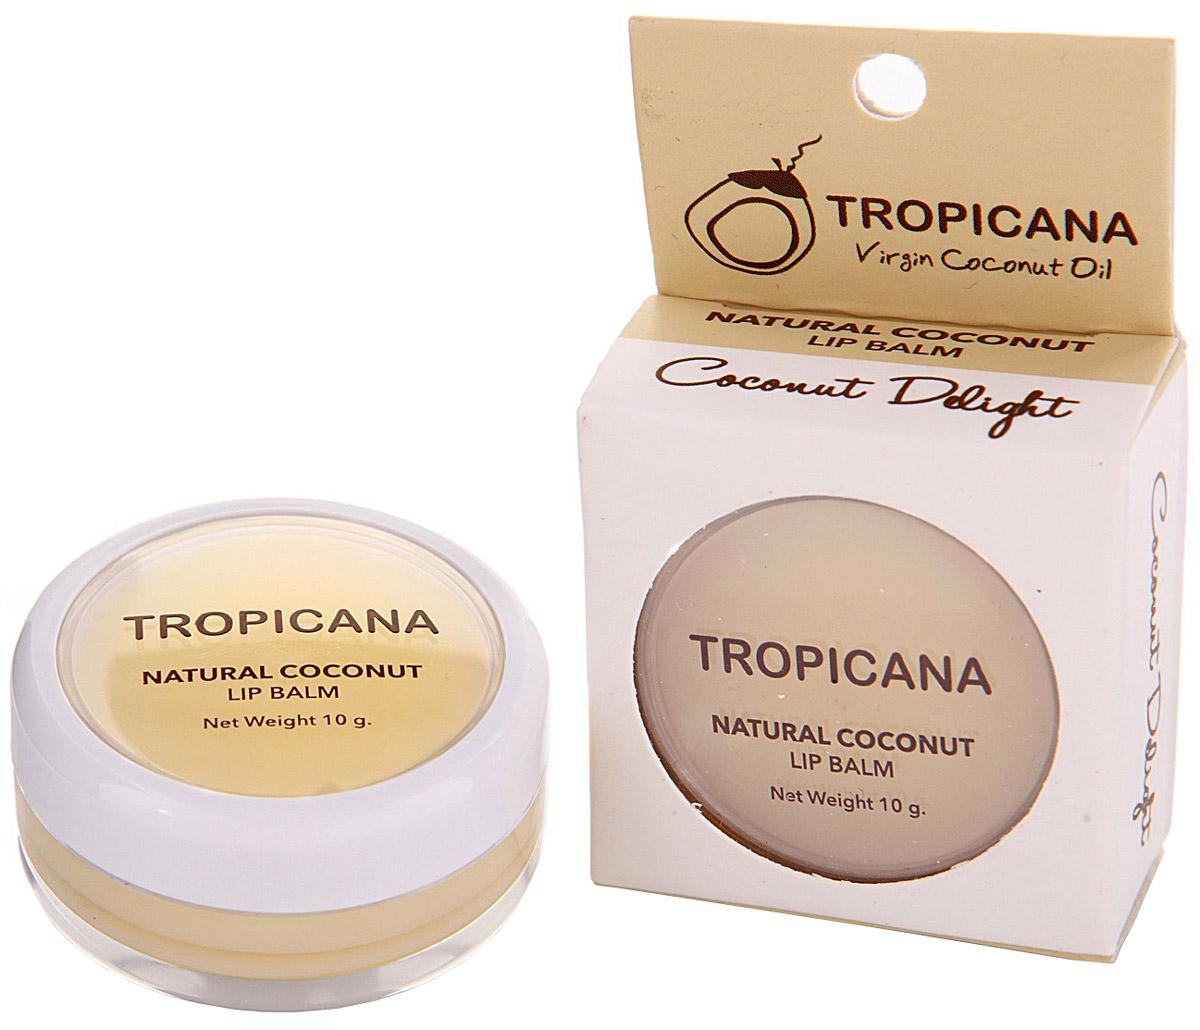 Бальзам для губ Кокосове наслаждение TropicanaFS-00897В основу бальзама входит натуральное кокосовое масло холодного отжима, обладающее увлажняющими и питательными свойствами, масло какао и масло ши. Помогает коже губ оставаться увлажненными, снимает сухость, препятствует образованию микро-трещинок. Зрительно увеличивает губ. Спасает от ожогов на солнце, а также ухаживает и увлажняет в зимний период. С приятным ароматом кокоса. Не содержит в себе отдушек и химических добавок.